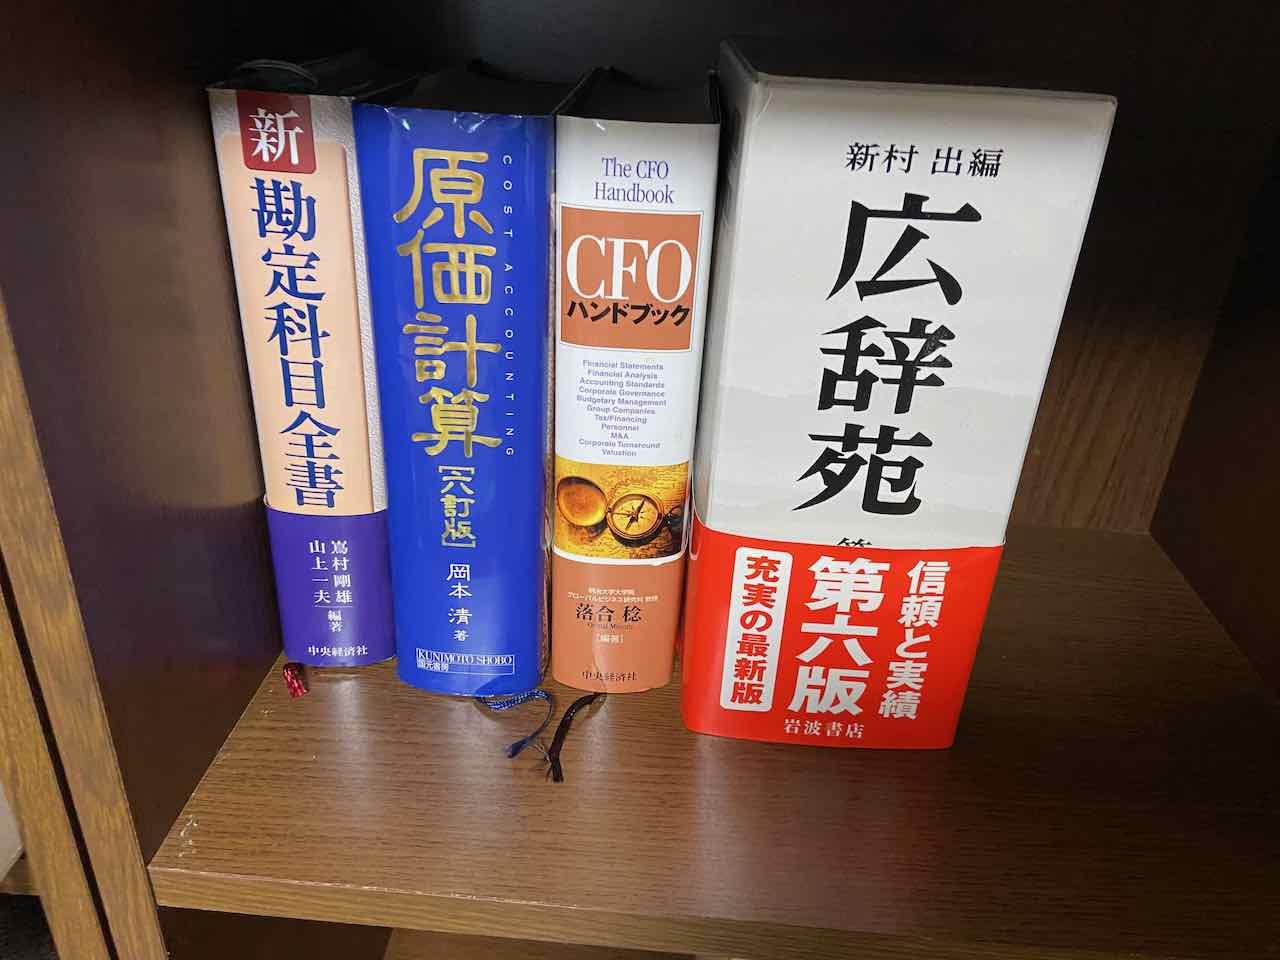 名残り書籍